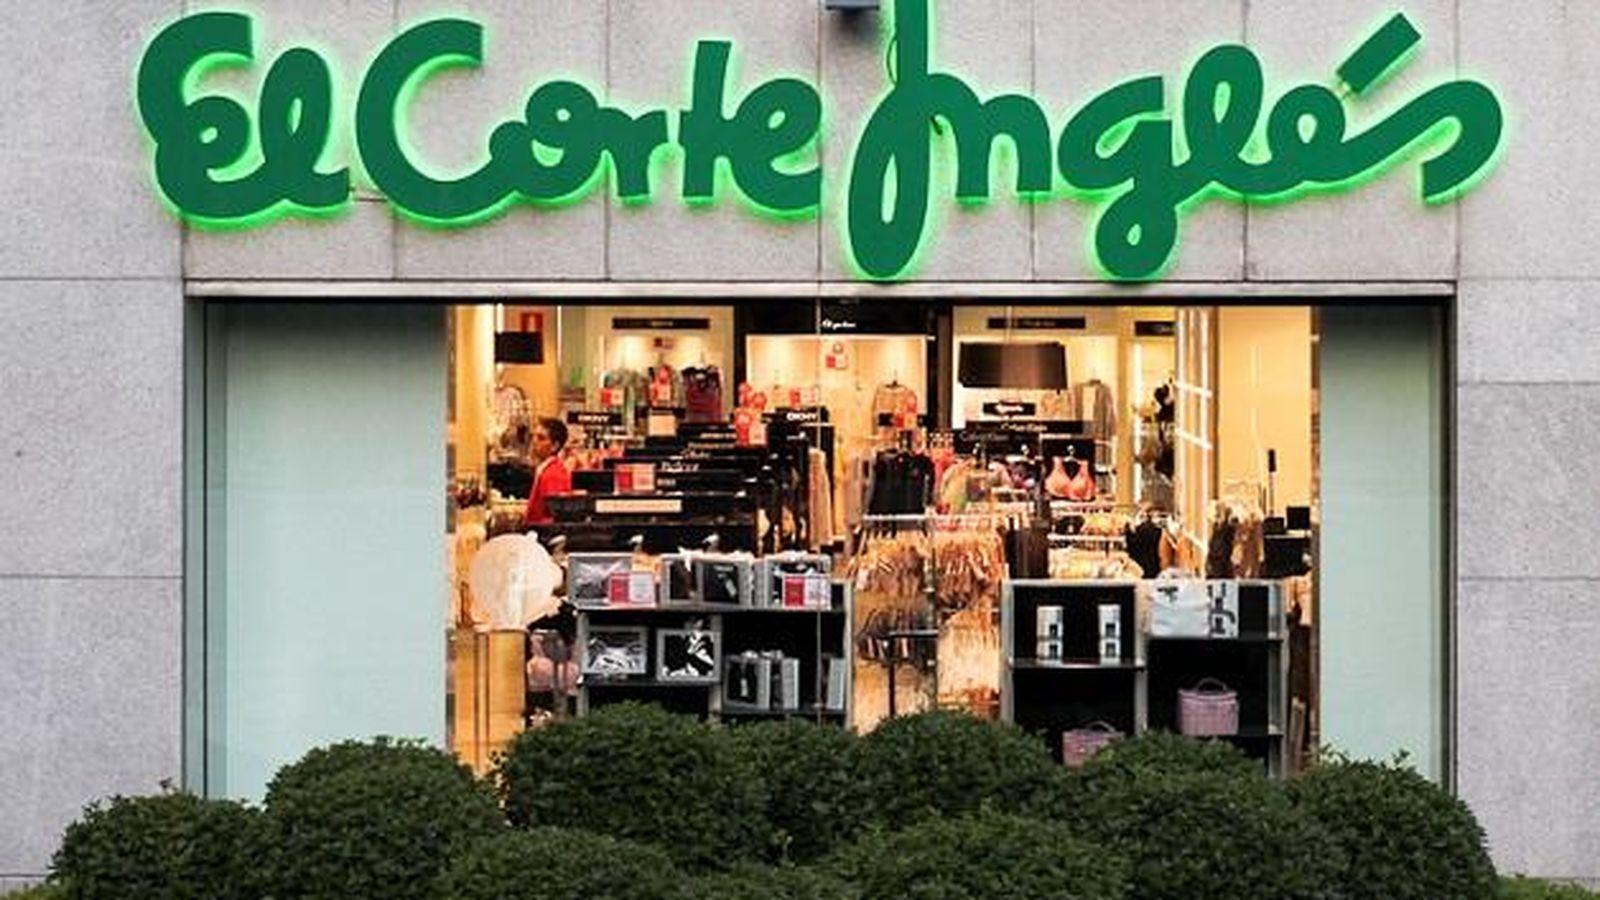 Noticias de el corte ingl s el corte ingl s convierte - Libreria el corte ingles ...